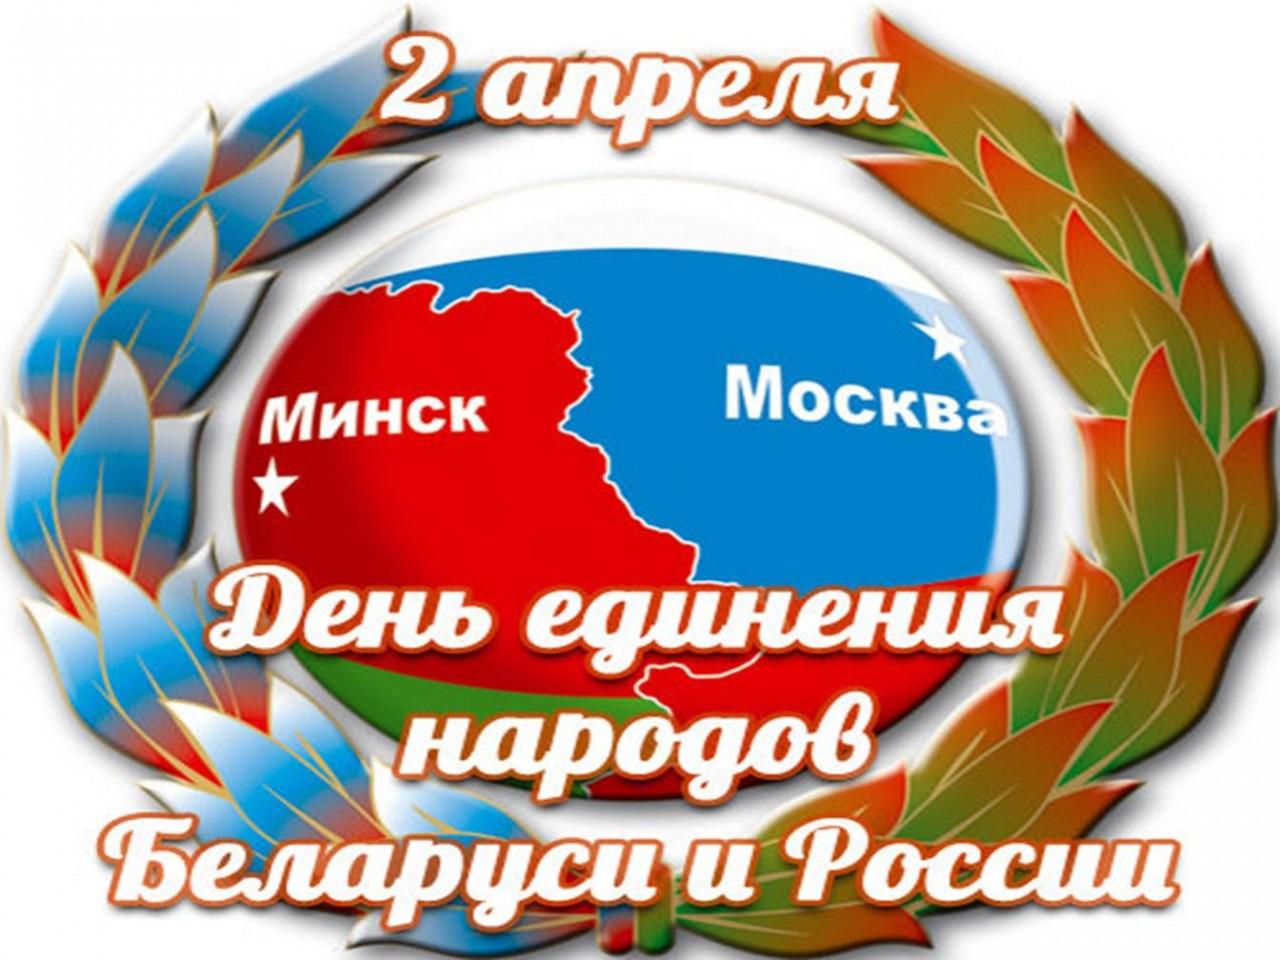 Картинка С днём единения народов Беларуси и России из коллекции Обои для рабочего стола Открытки